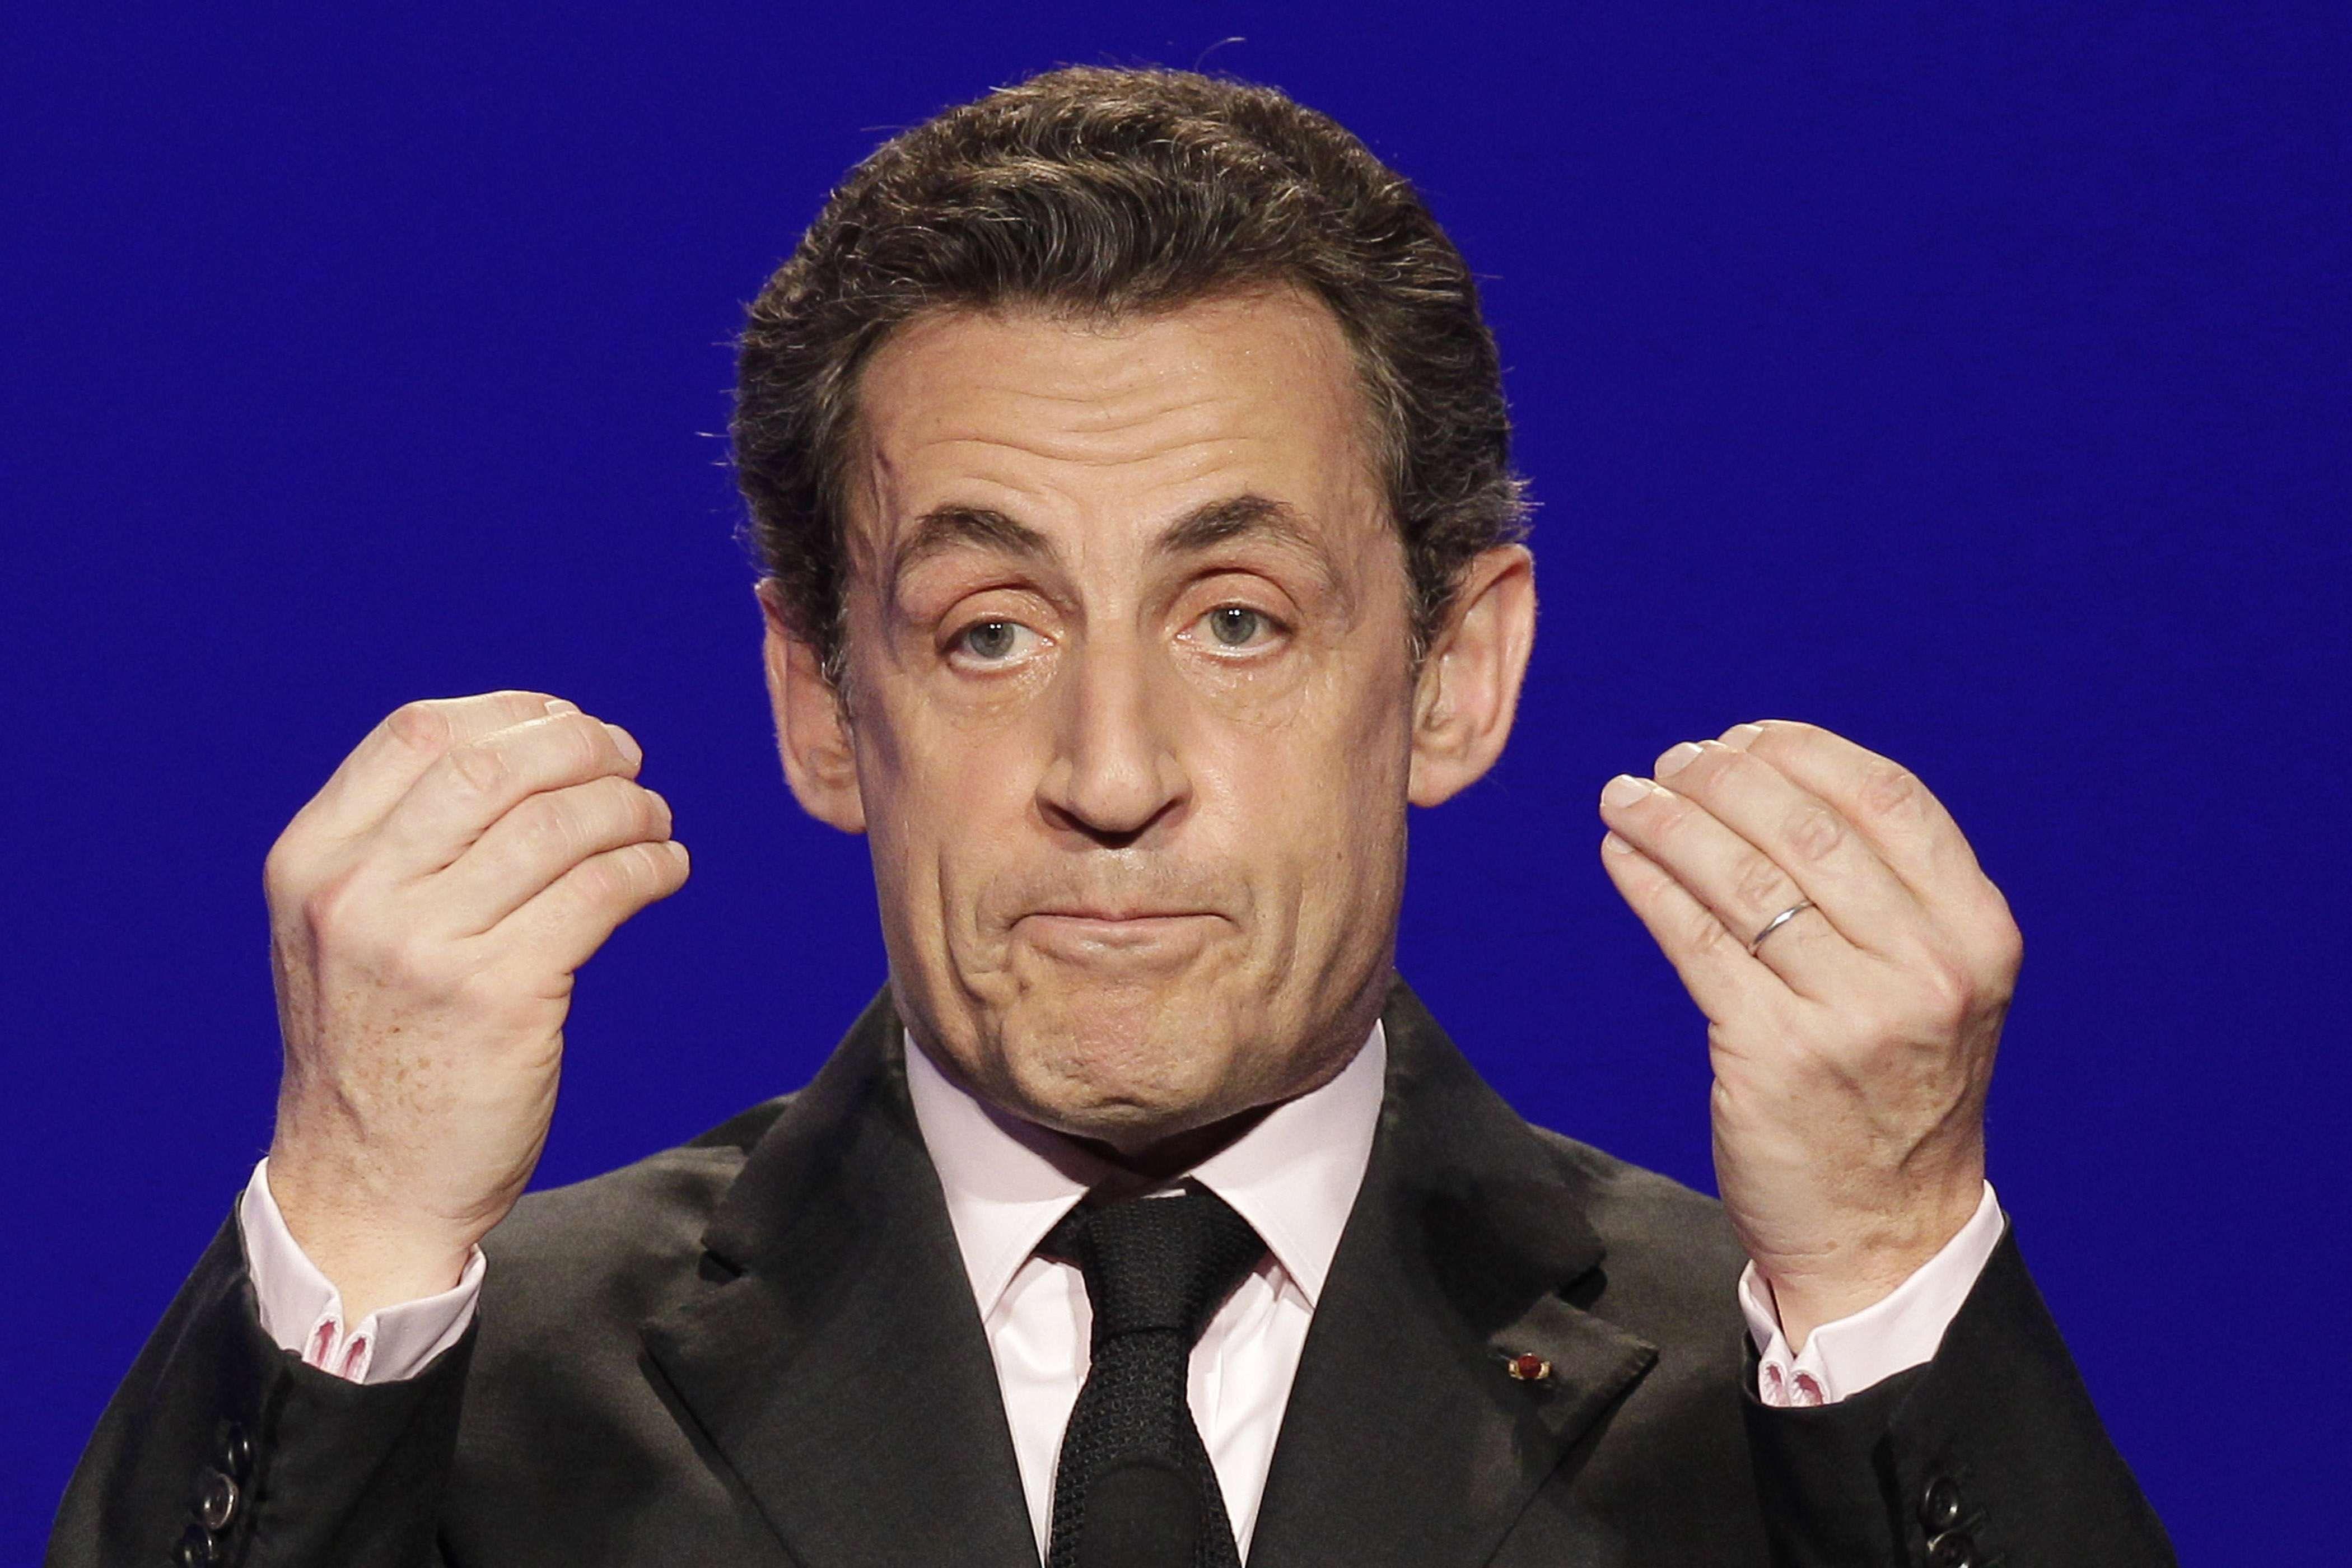 Spese elettorali eccessive in Francia, Sarkozy interrogato dalla Finanza. Arrestati tre suoi stretti collaboratori